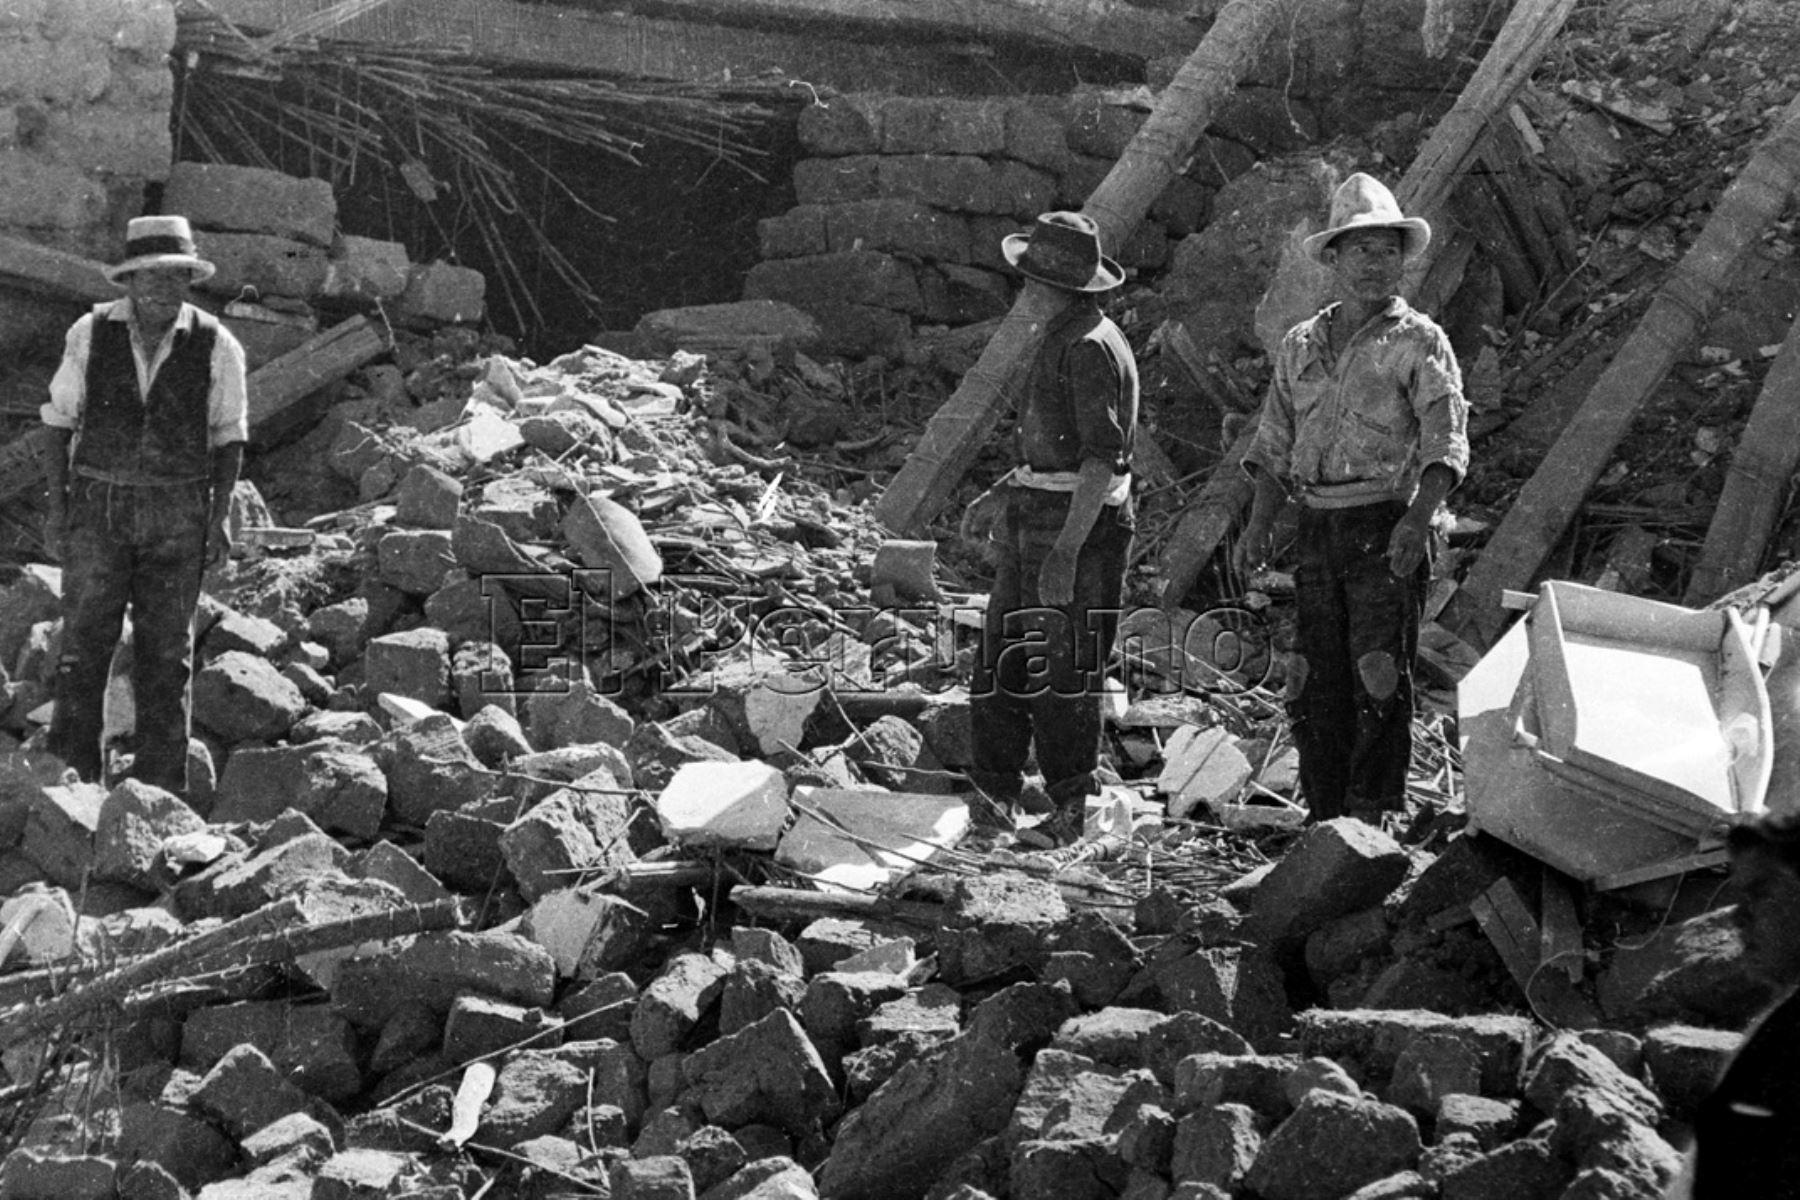 Ancash 01 jun 1970 / Terremoto de Yungay. Damnificados por el sismo intentan rescatar algunas pertenencias de los escombros